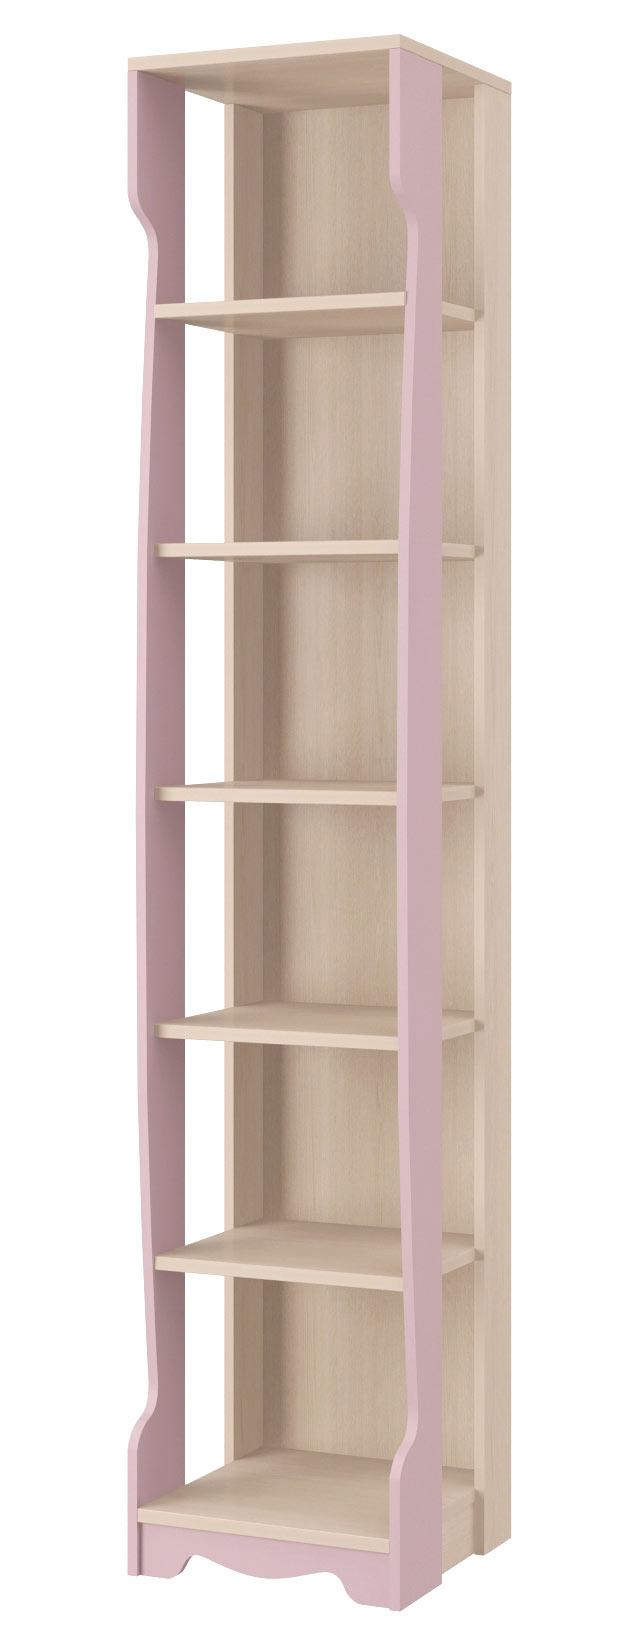 Приставка угловая Интеди Pink, ИД.01.233a